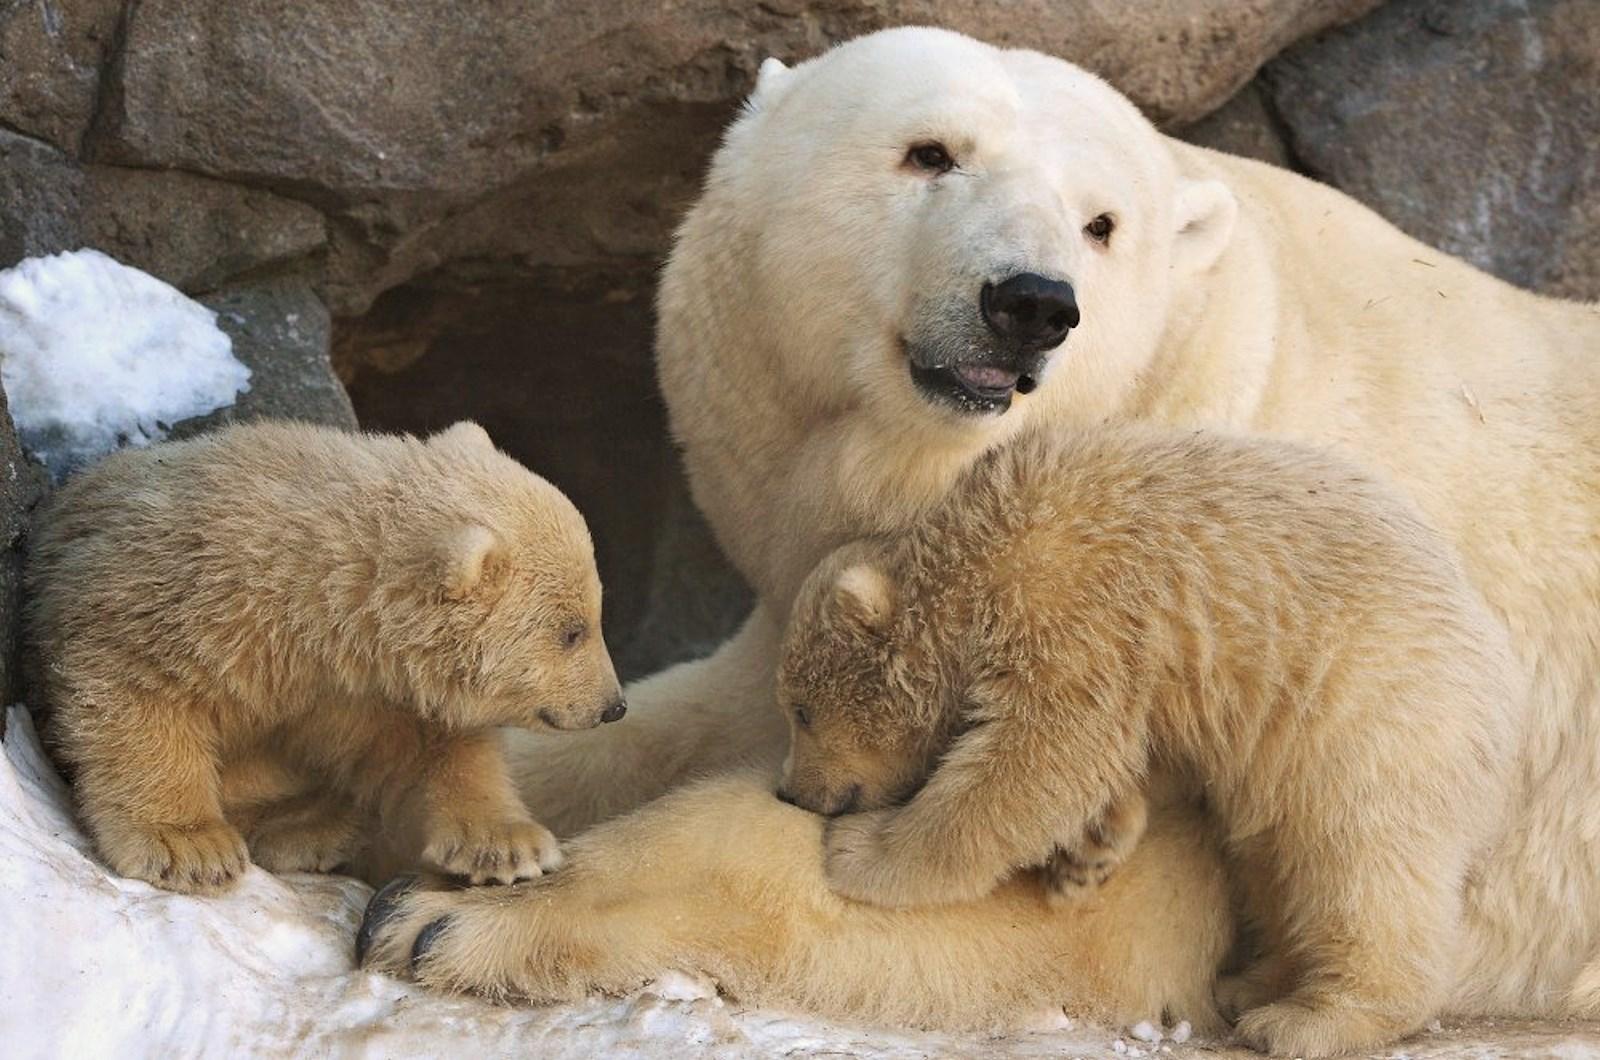 00 Polar bear cubs. Moscow Zoopark 09. Russia. 26.02.15